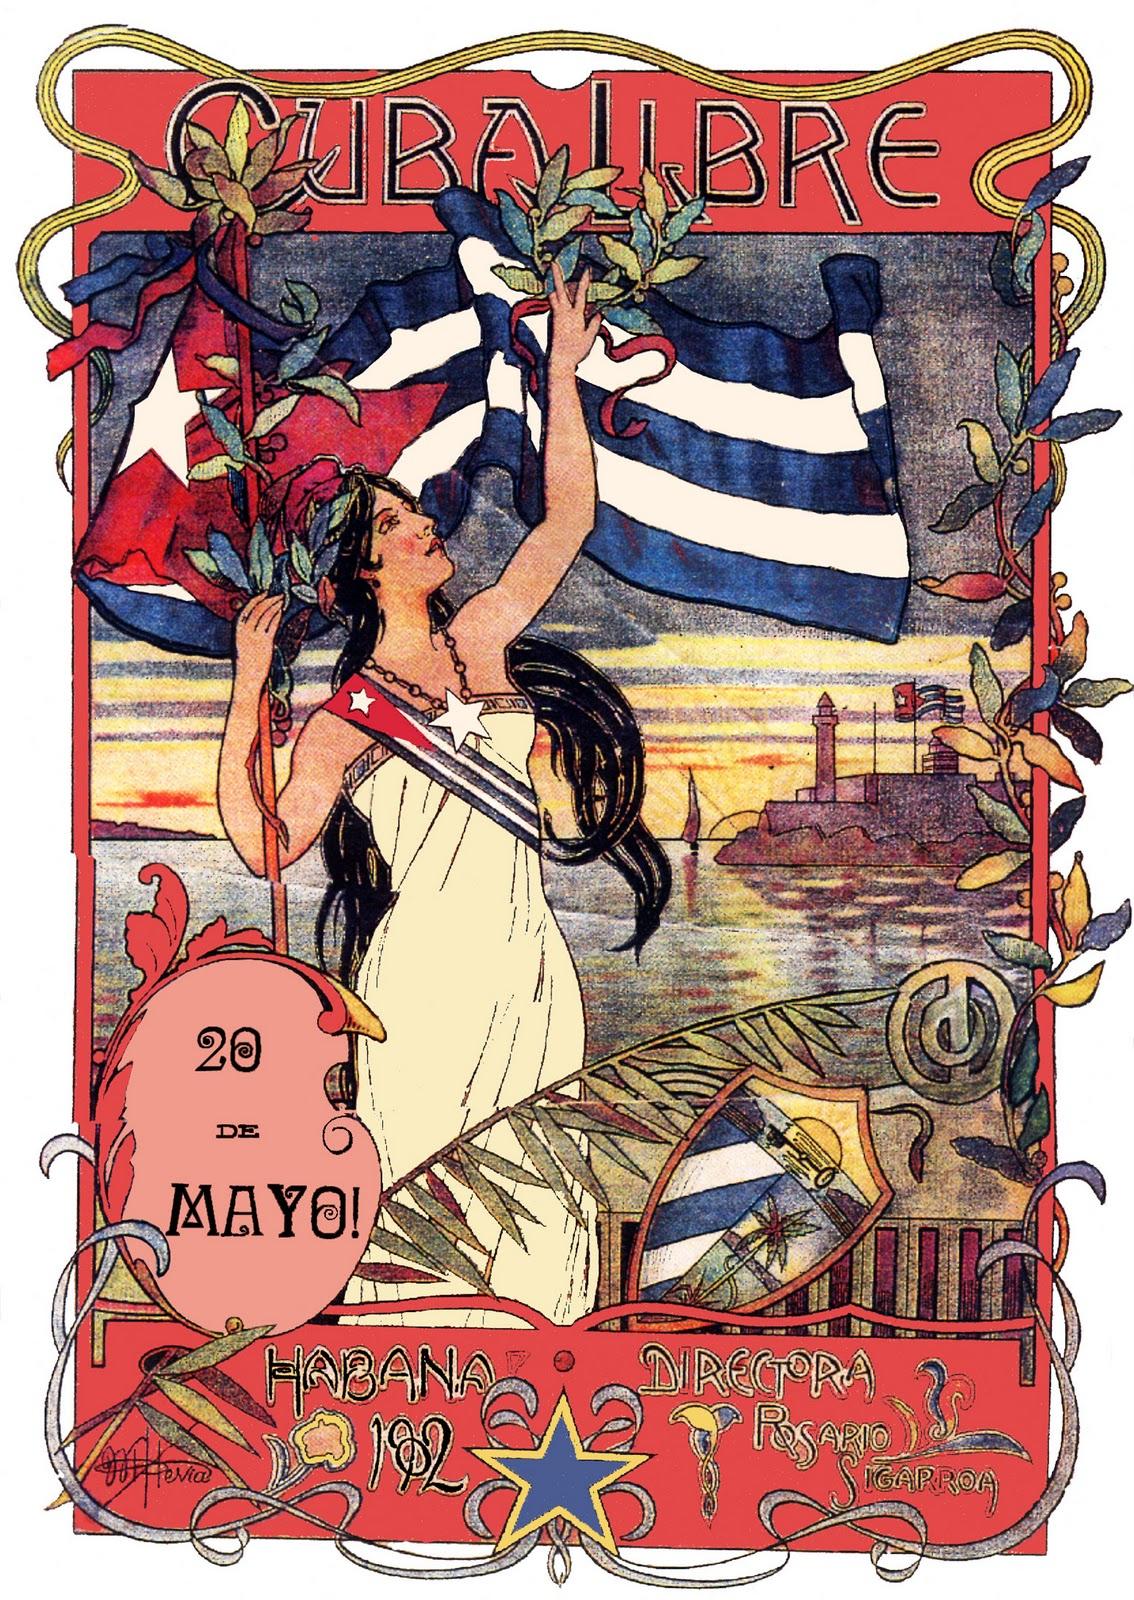 http://2.bp.blogspot.com/-17C7lpxVFw0/TdX3cdo3DdI/AAAAAAAAATY/Ufysfp5eXDA/s1600/Cuba+Libre.jpg